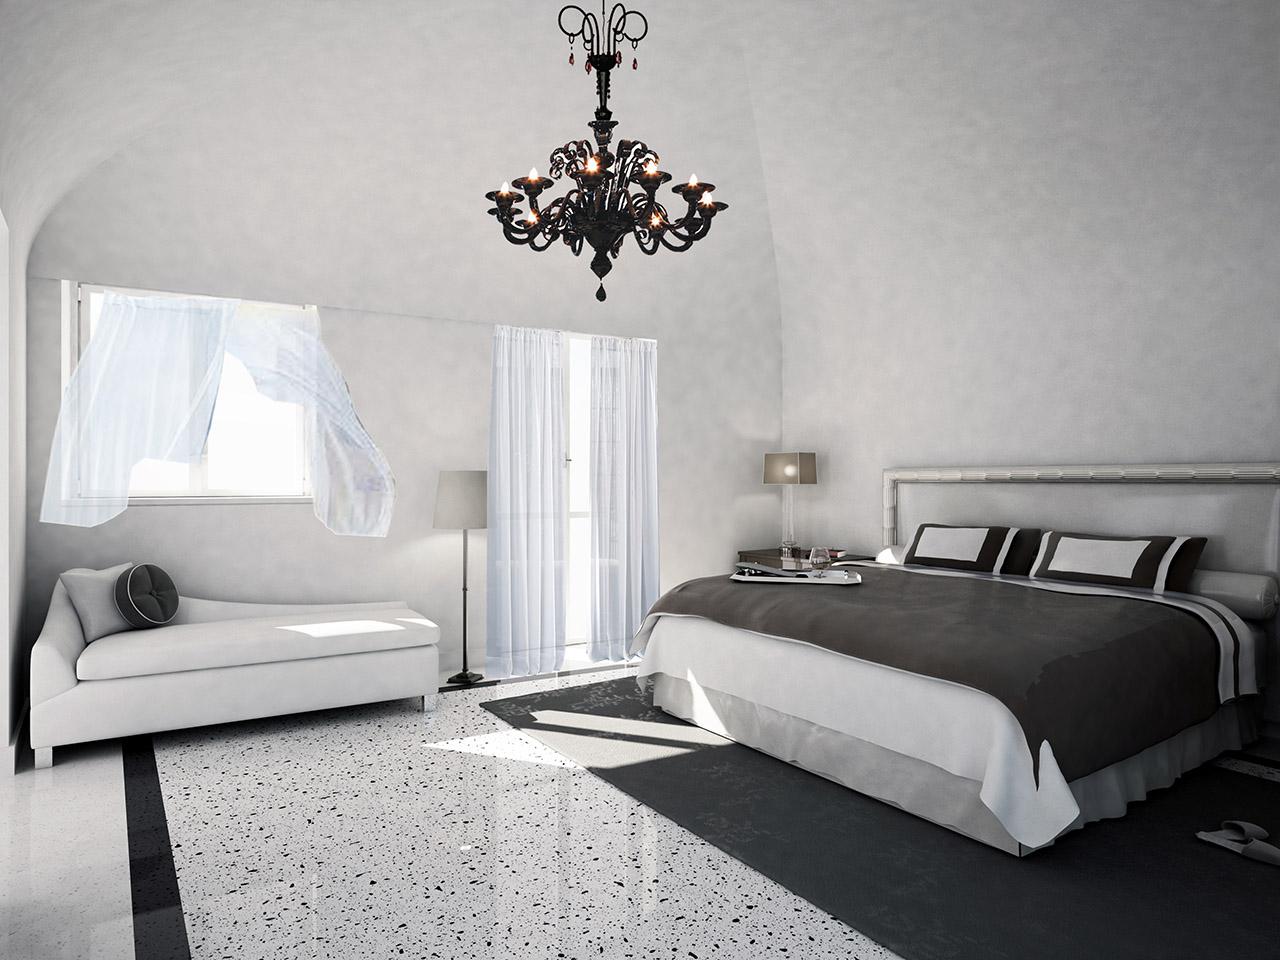 Roccobarocco Hotel e Shop (Ischia) 01